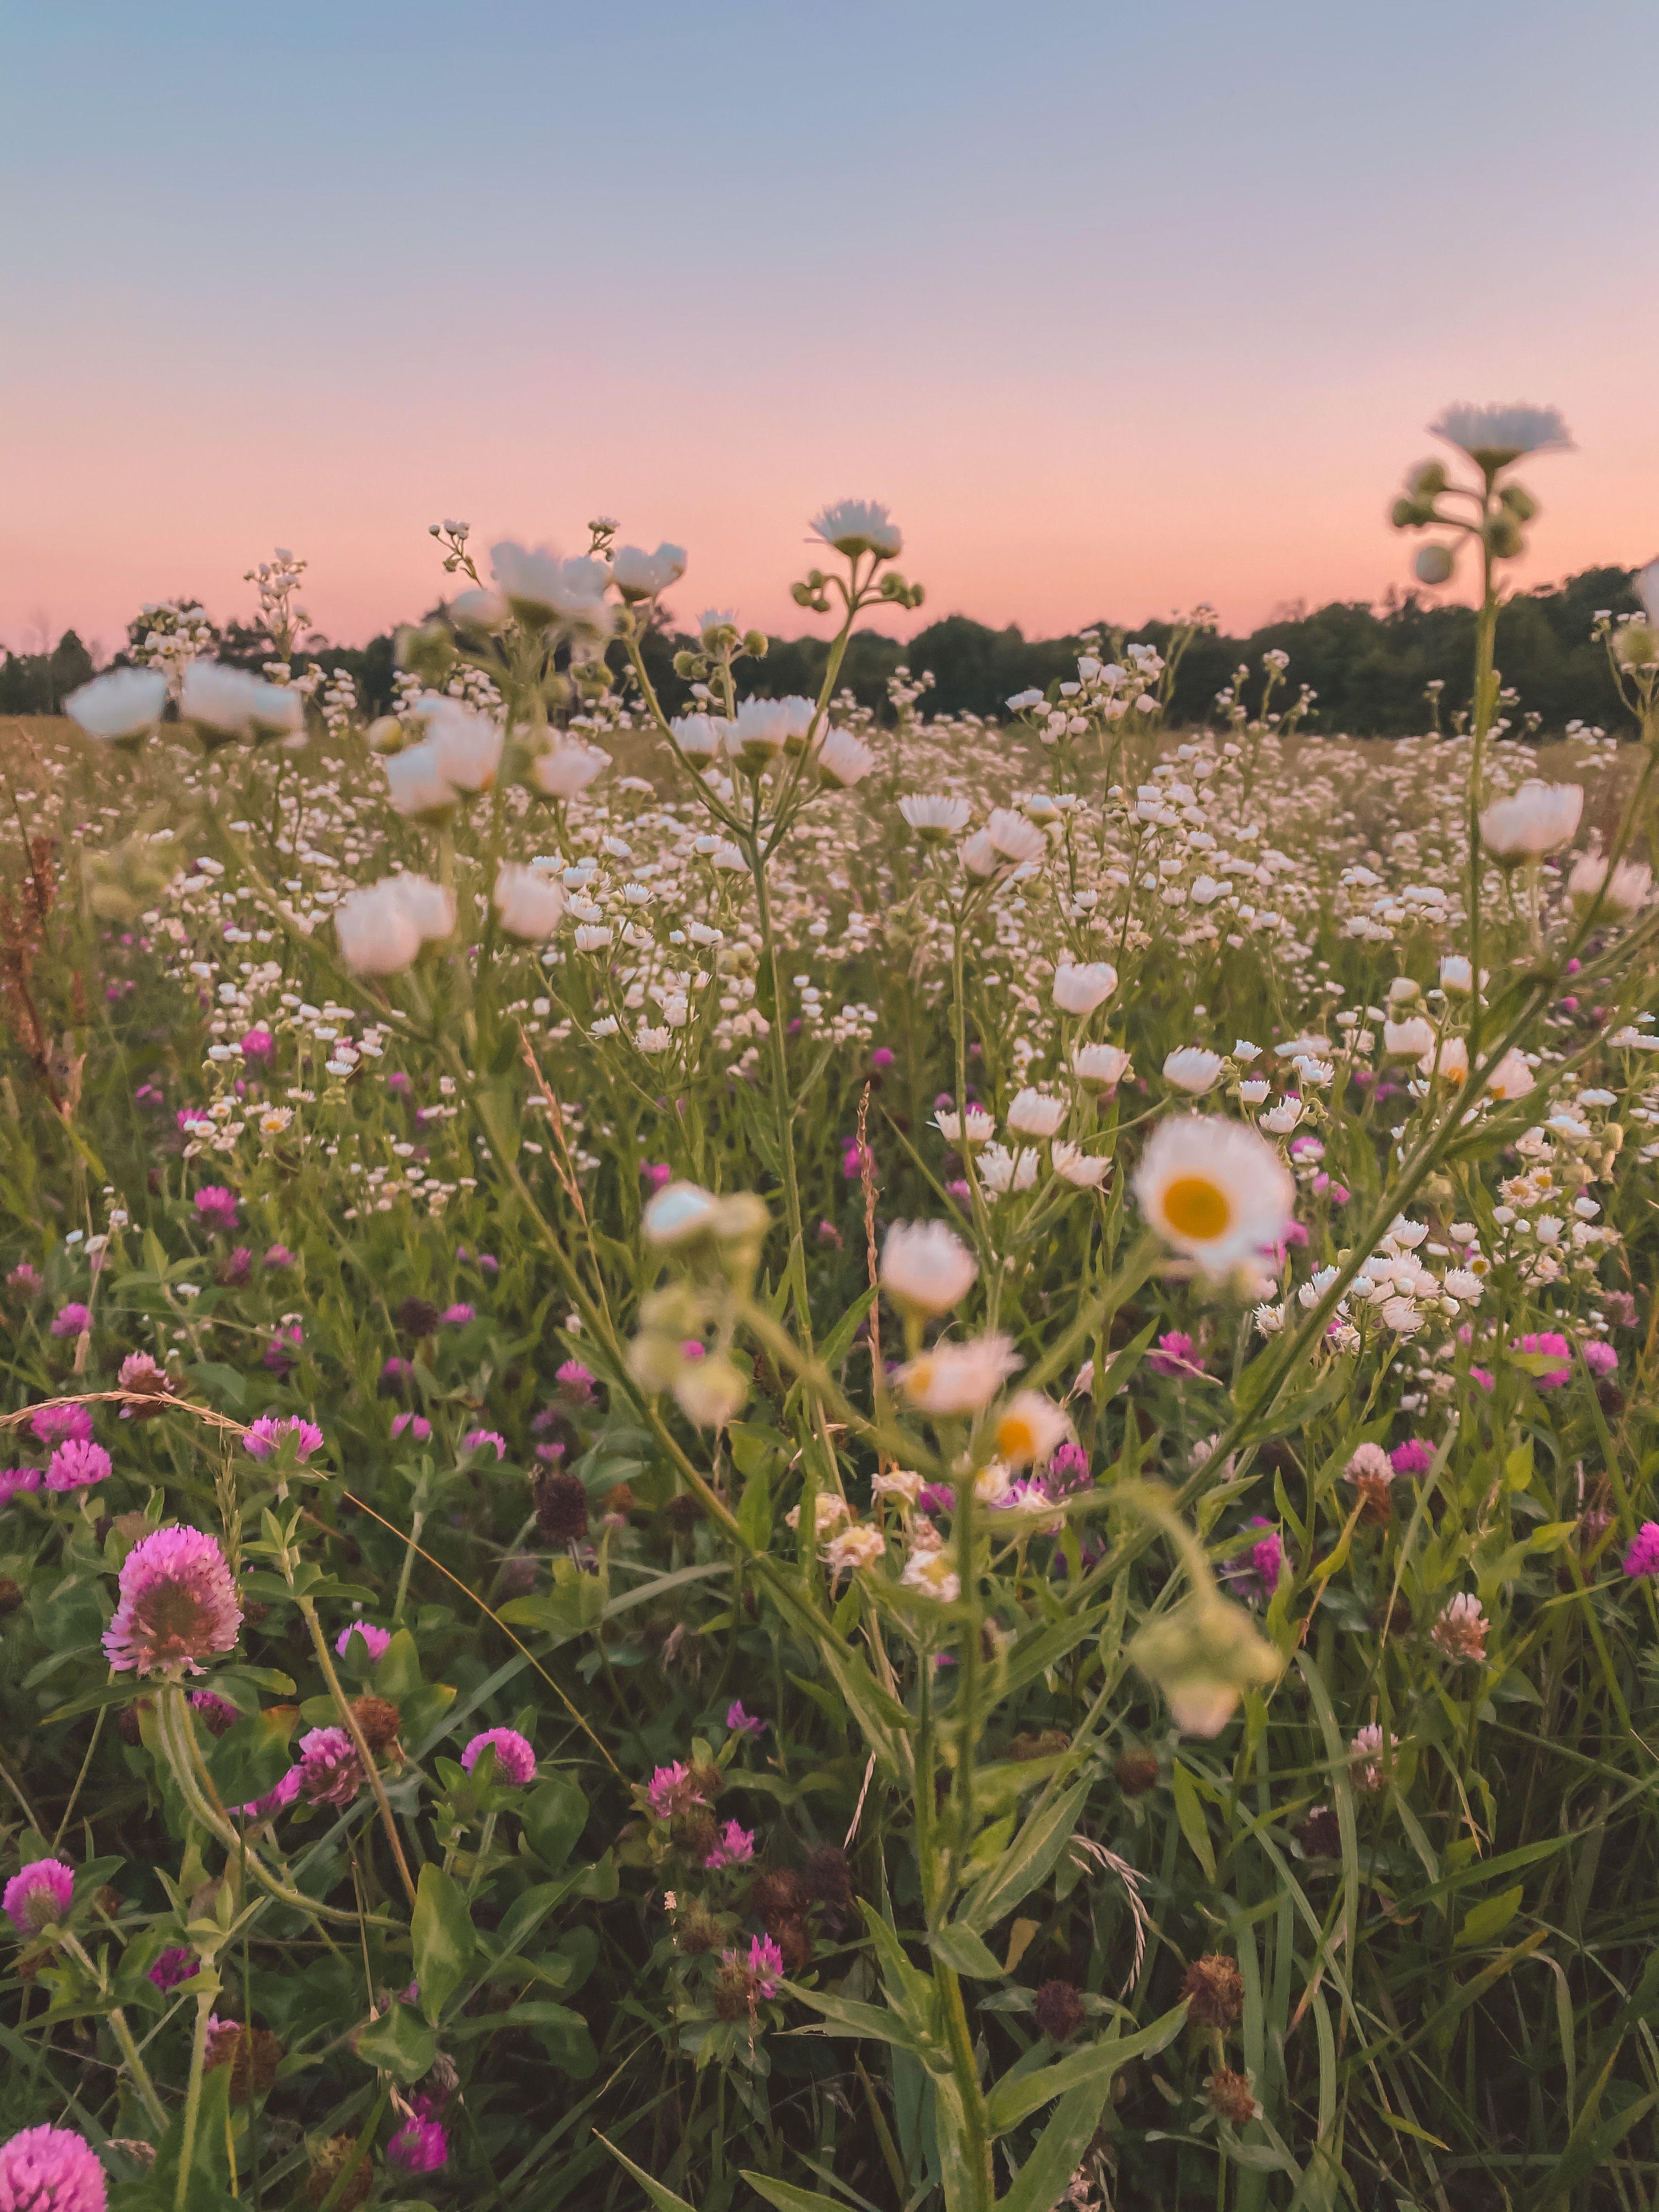 Summer Flower Field Field Wallpaper Plant Aesthetic